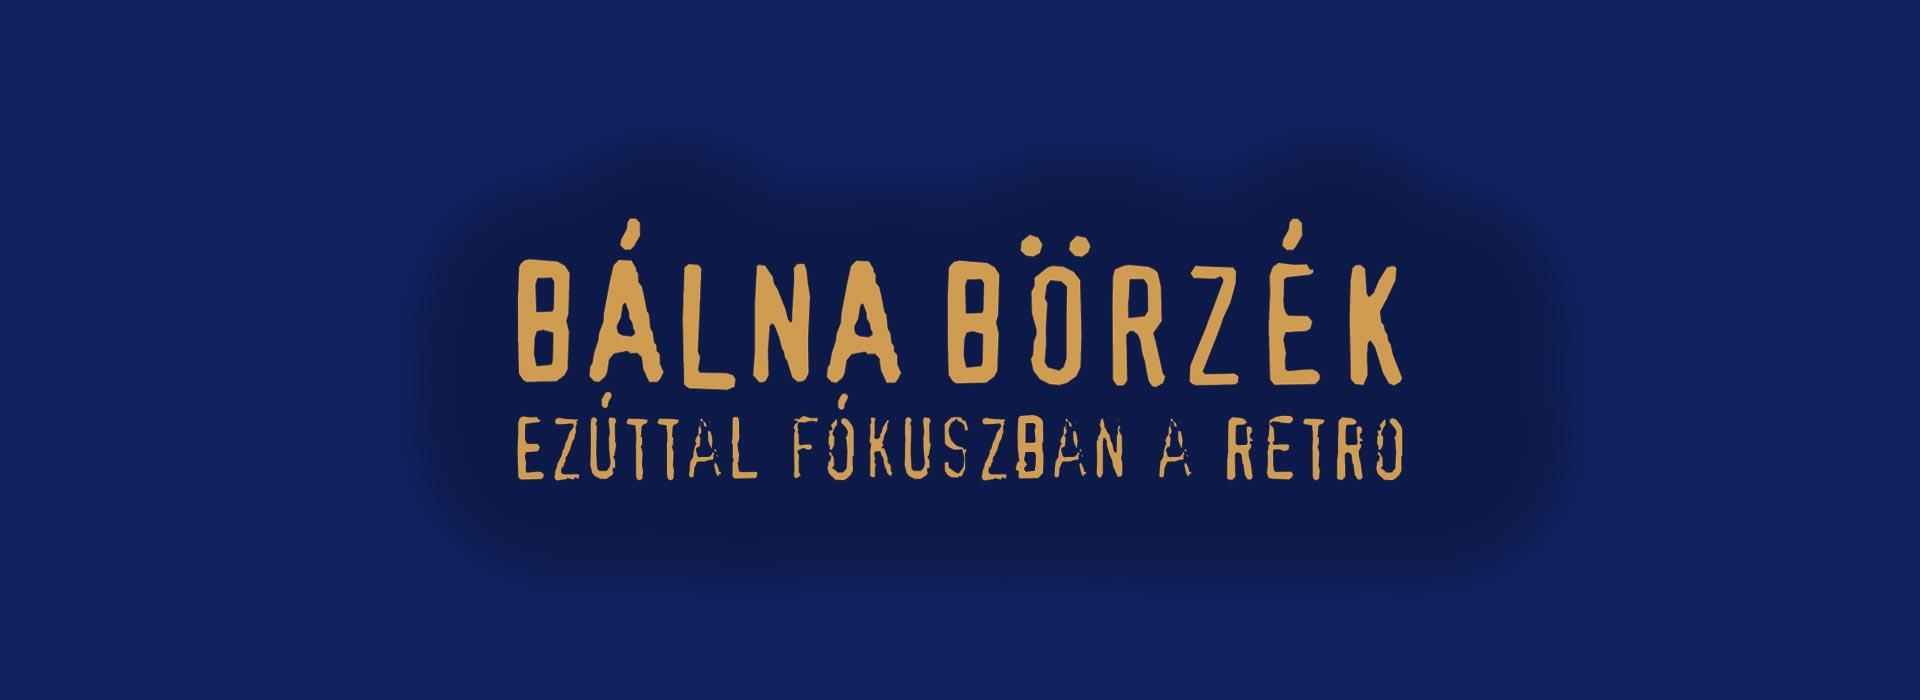 2015-balnaborzek-1920